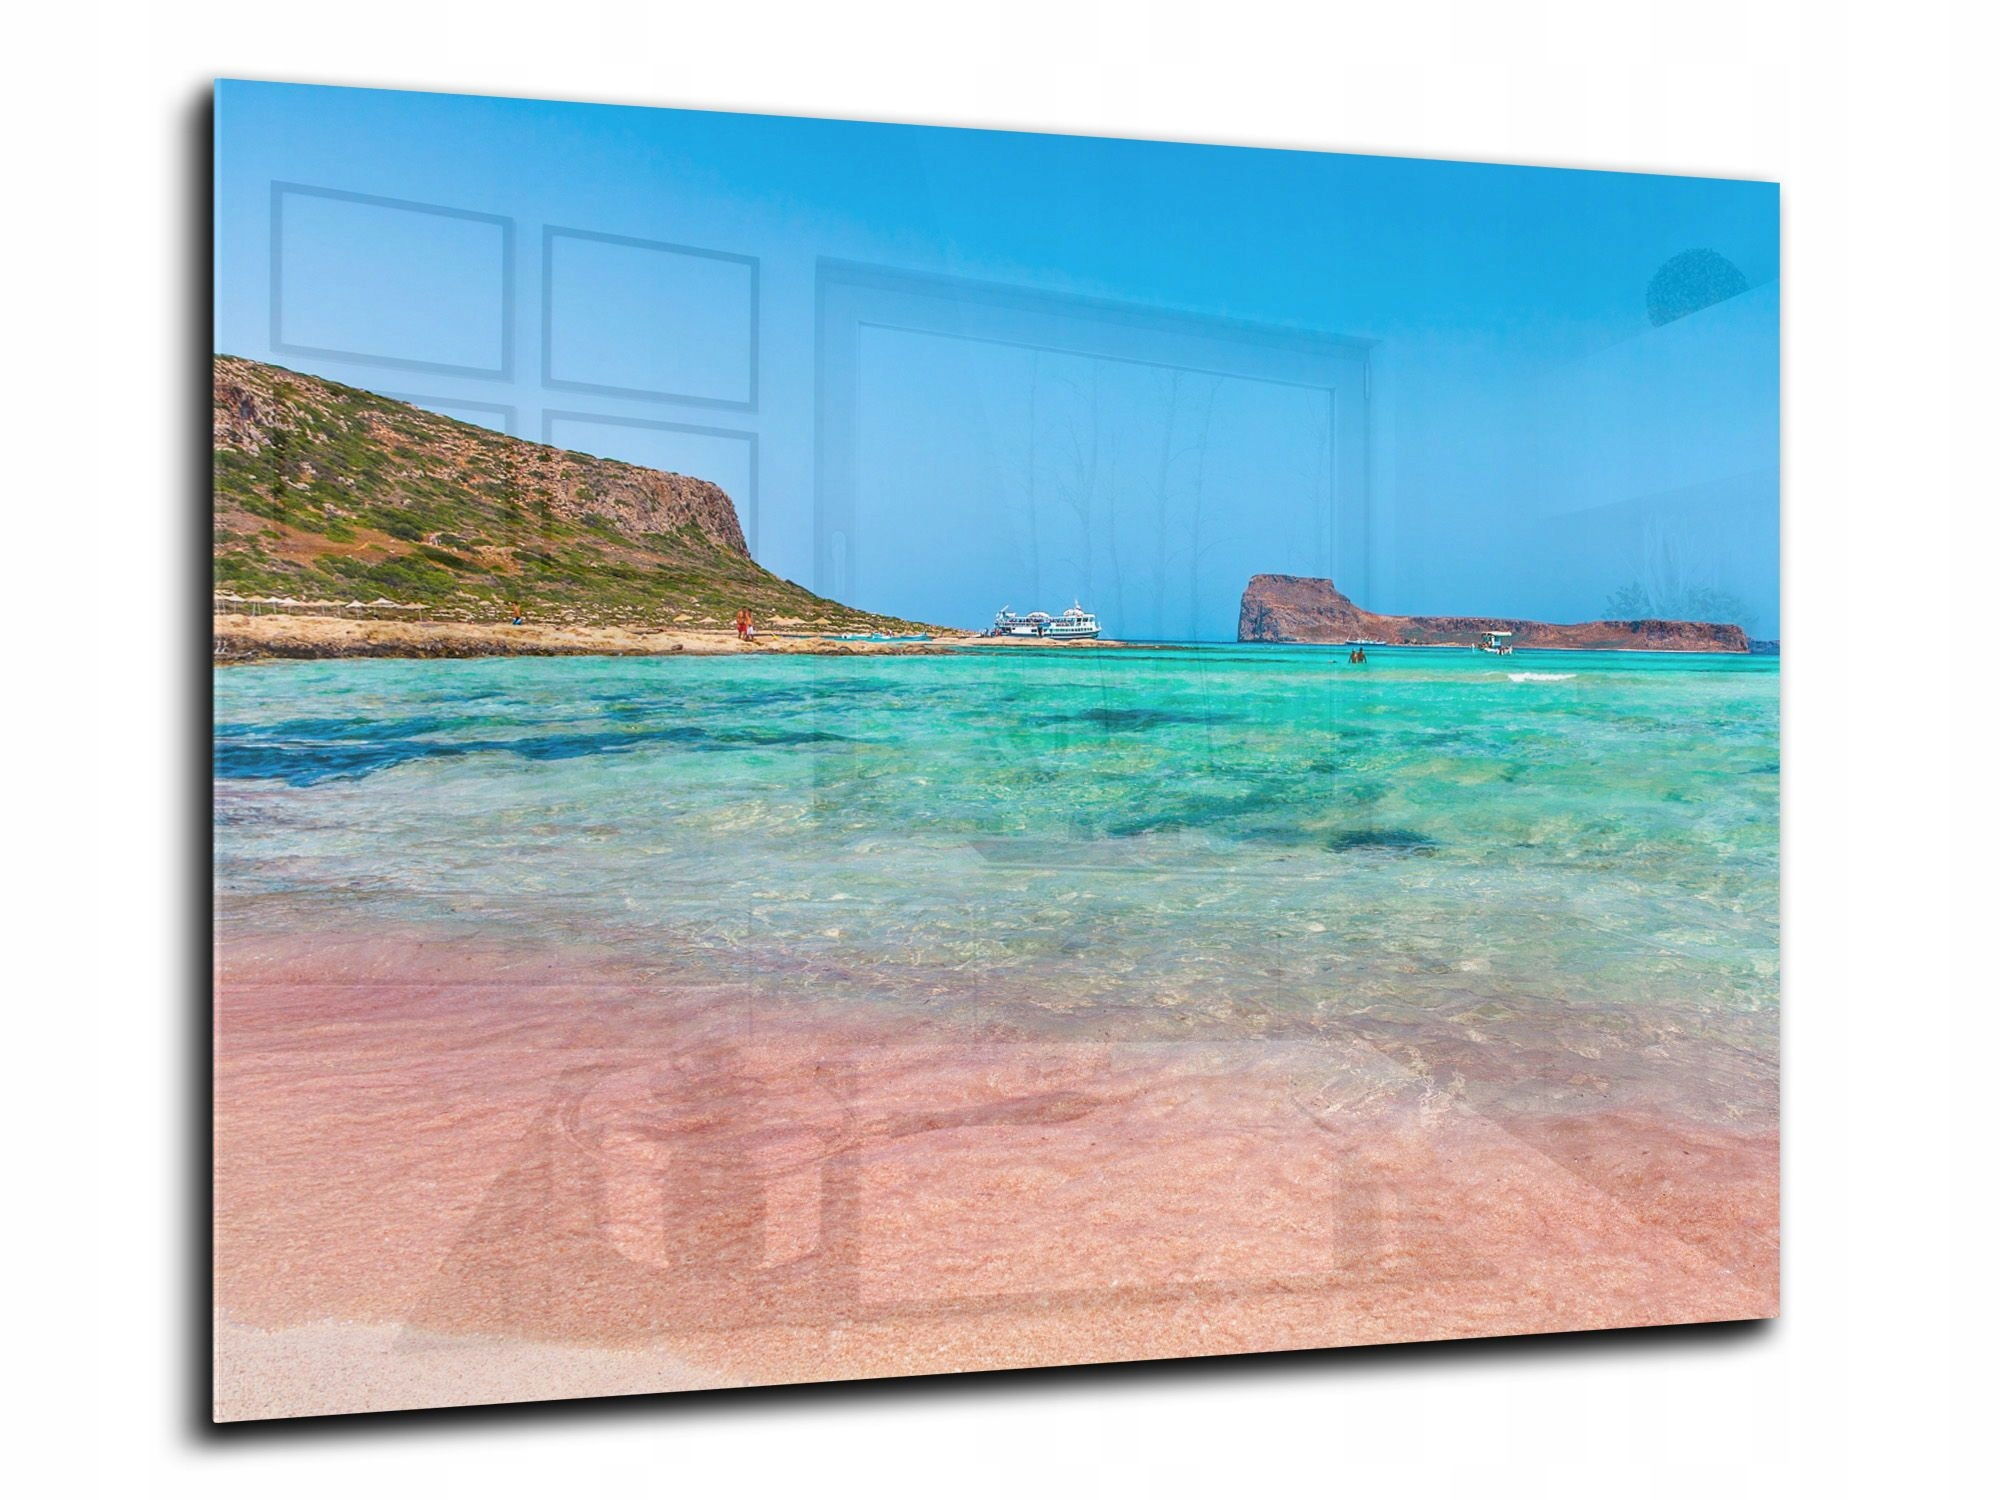 sklenené panely lacobel kuchyňa 100x70 more